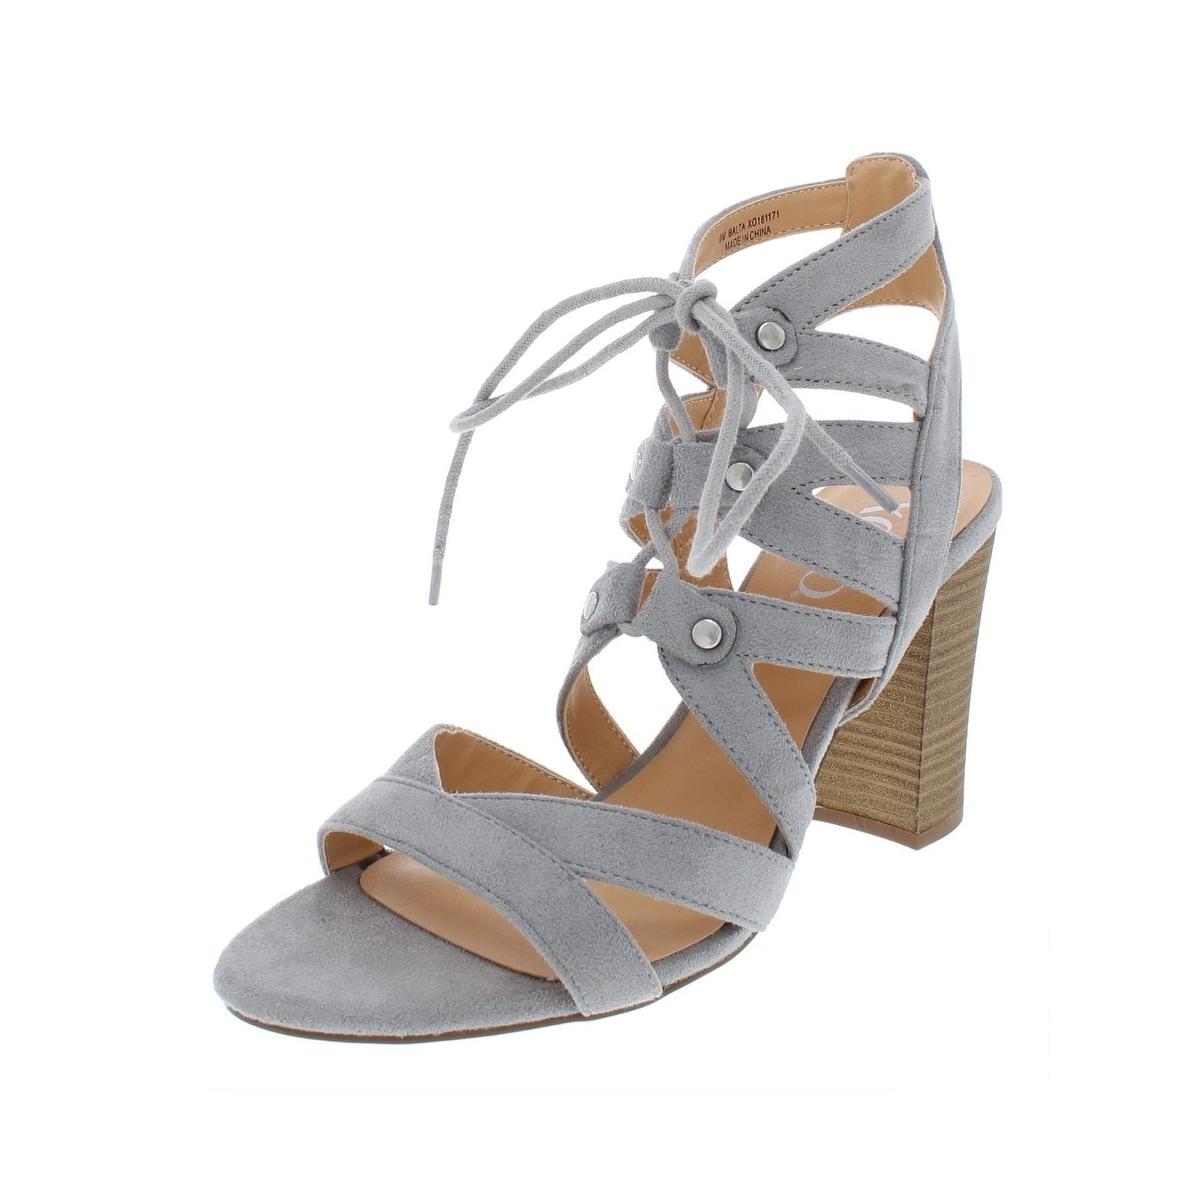 79c06d146b59 Buy XOXO Women s Sandals Online at Overstock